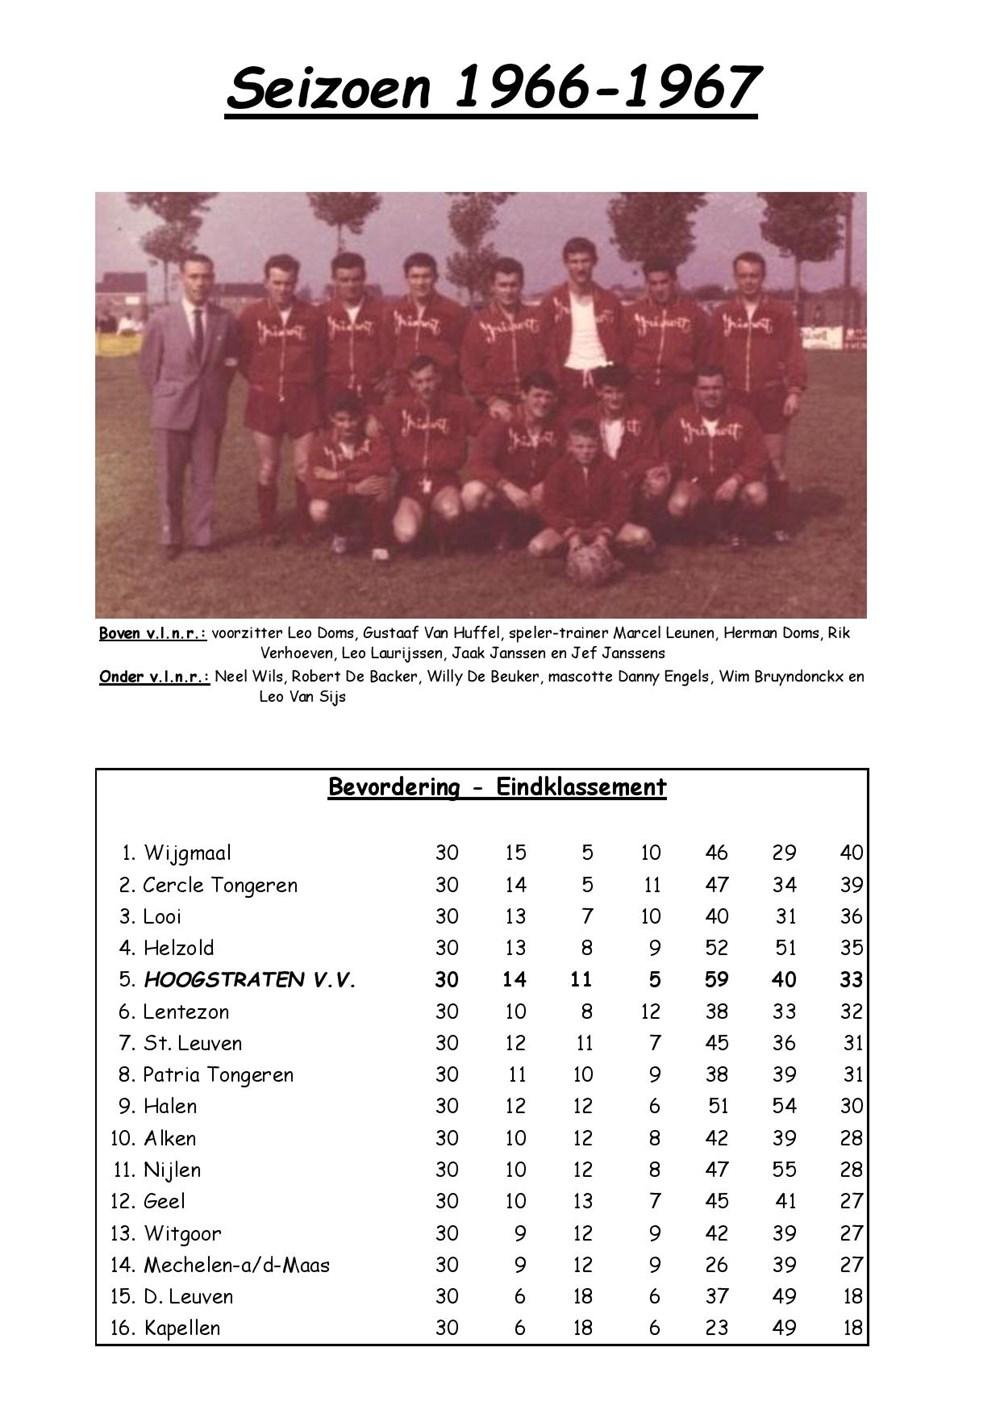 seizoen_1966-1967-page-001.jpg